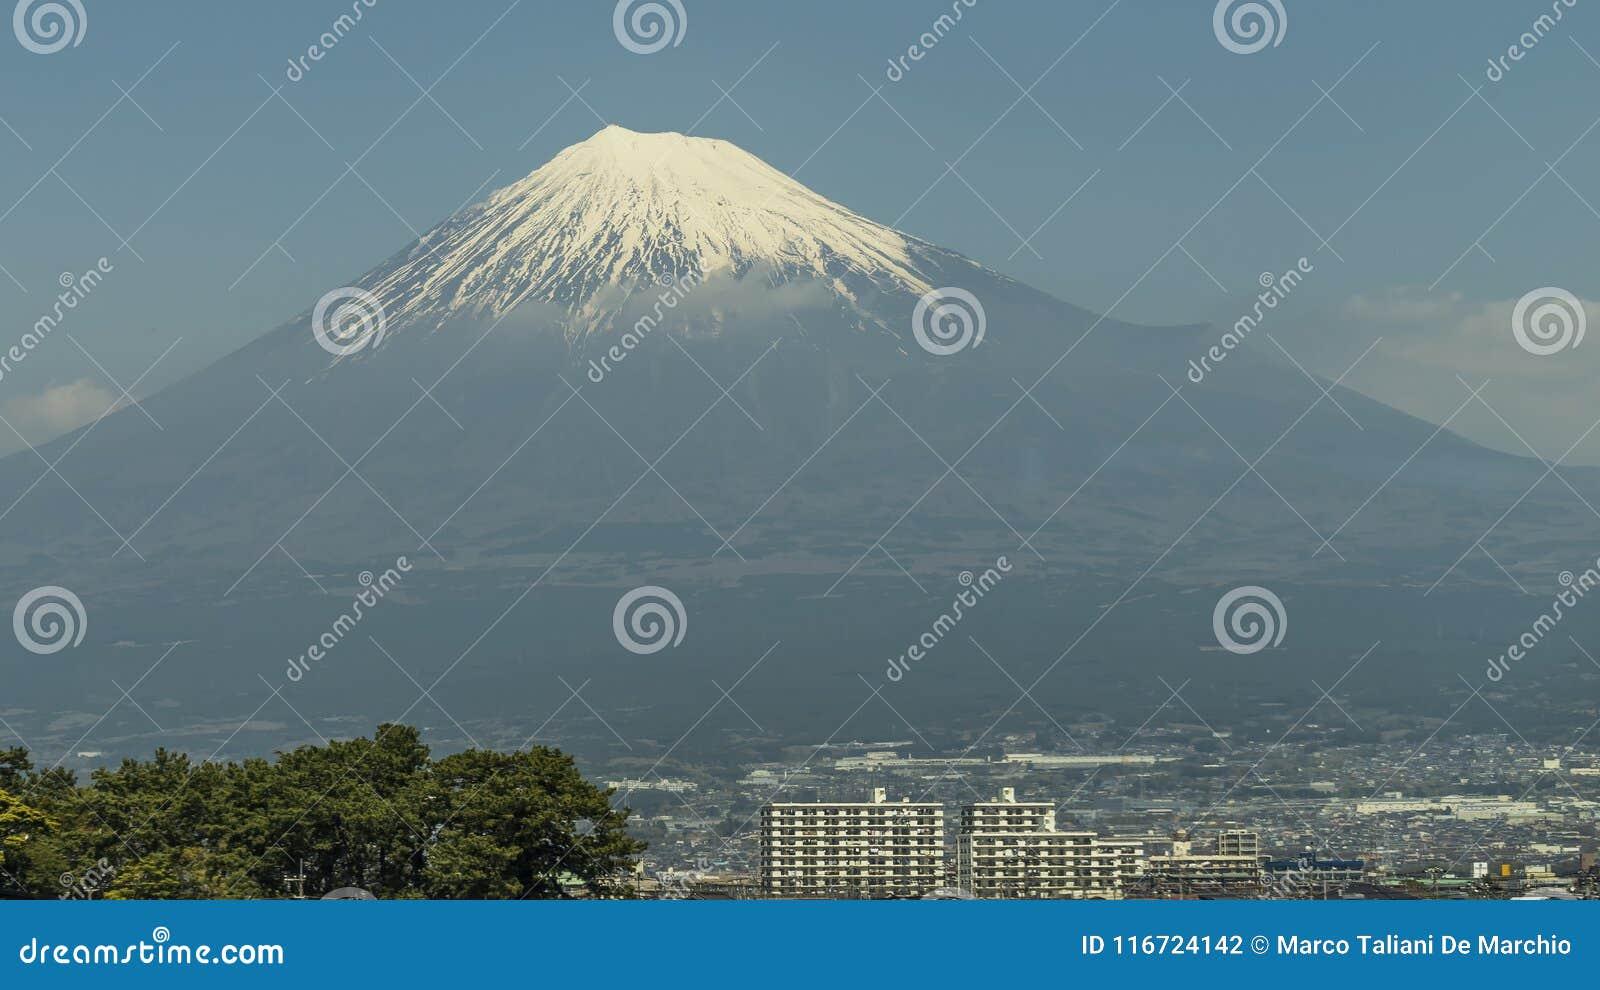 Populäre Gebäude mit einer Ansicht auf der Ostseite des Schnee-mit einer Kappe bedeckten Fujisans, Japan